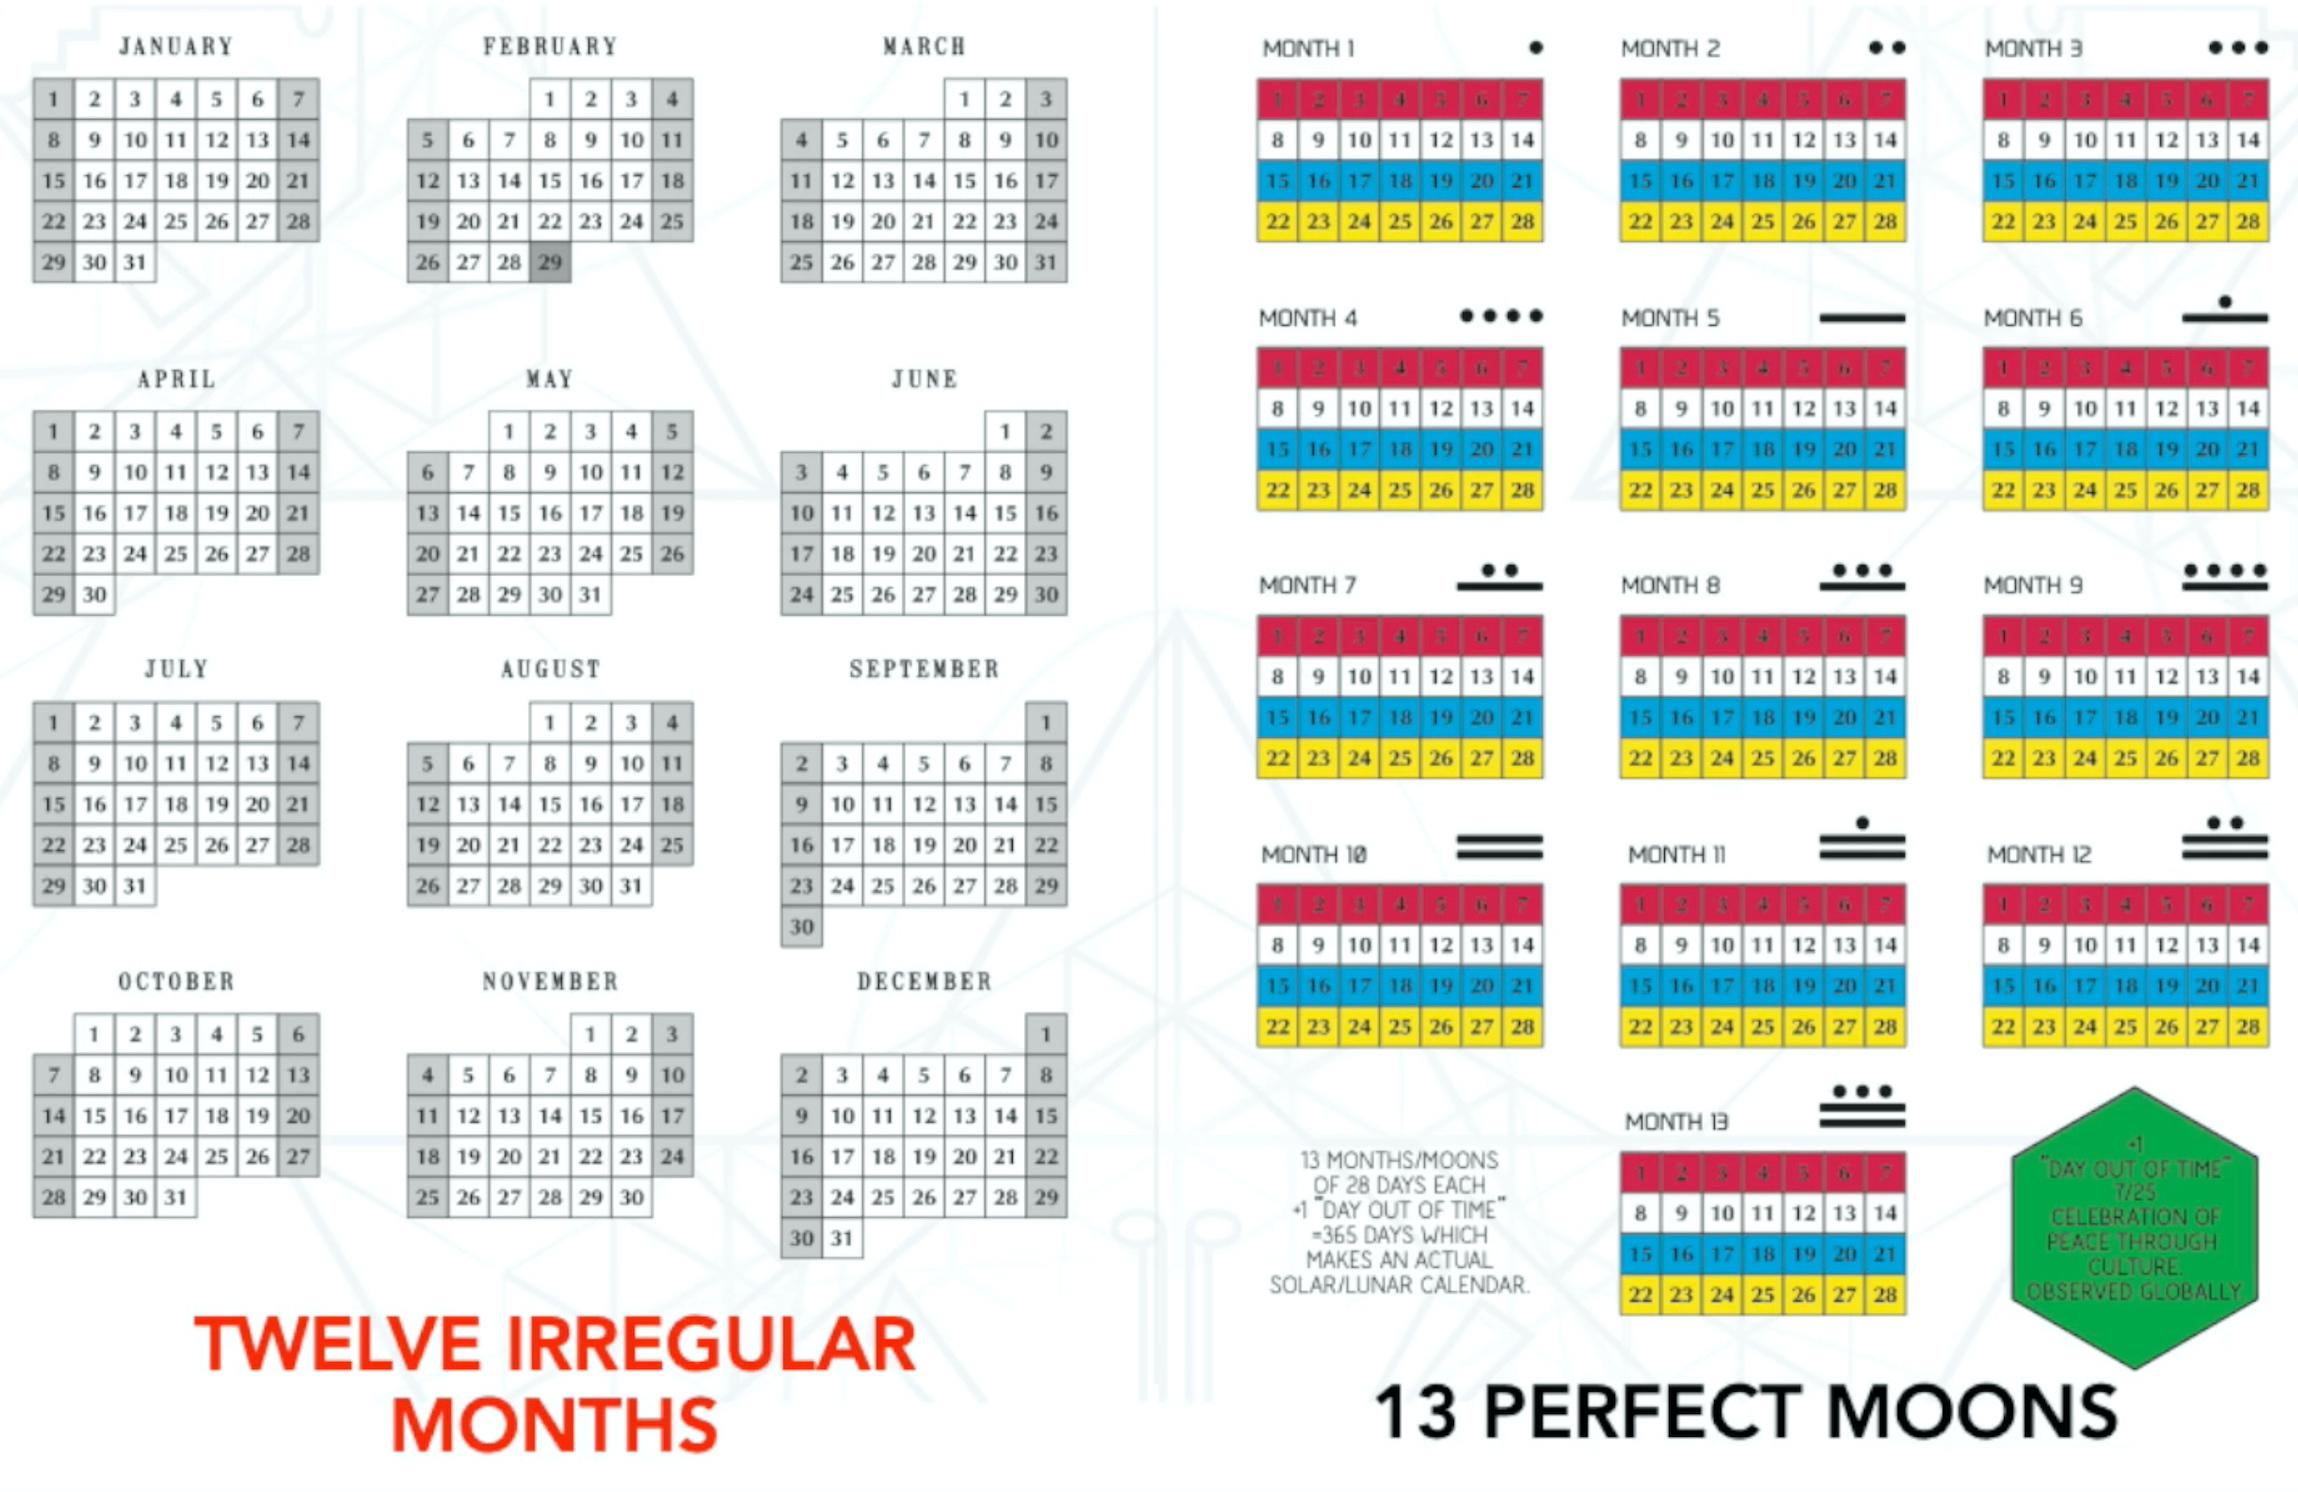 Сравнение 12 месячного григорианского календаря и гармоничного 13 лунного